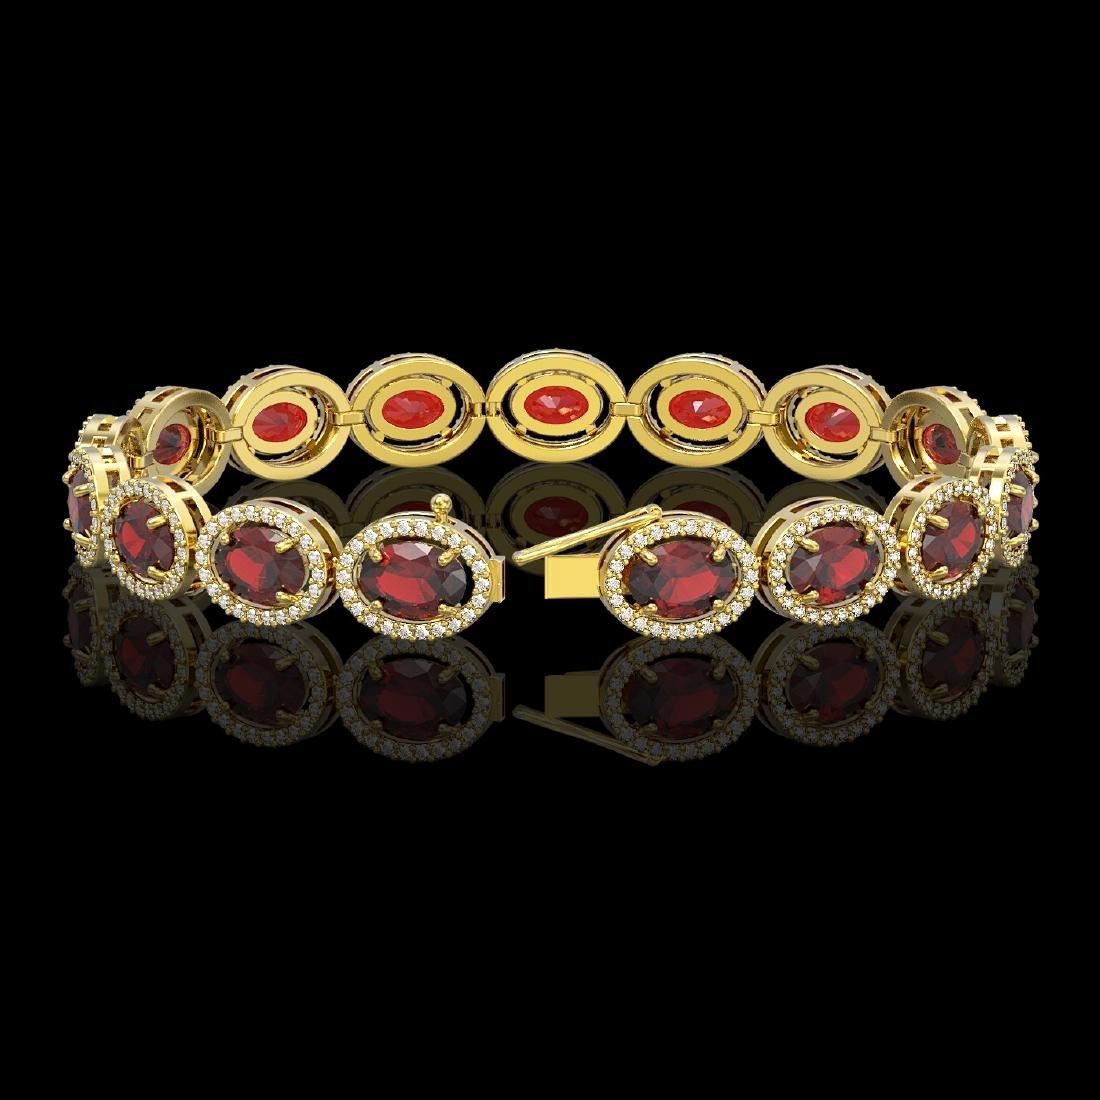 21.98 CTW Garnet & Diamond Halo Bracelet 10K Yellow - 2